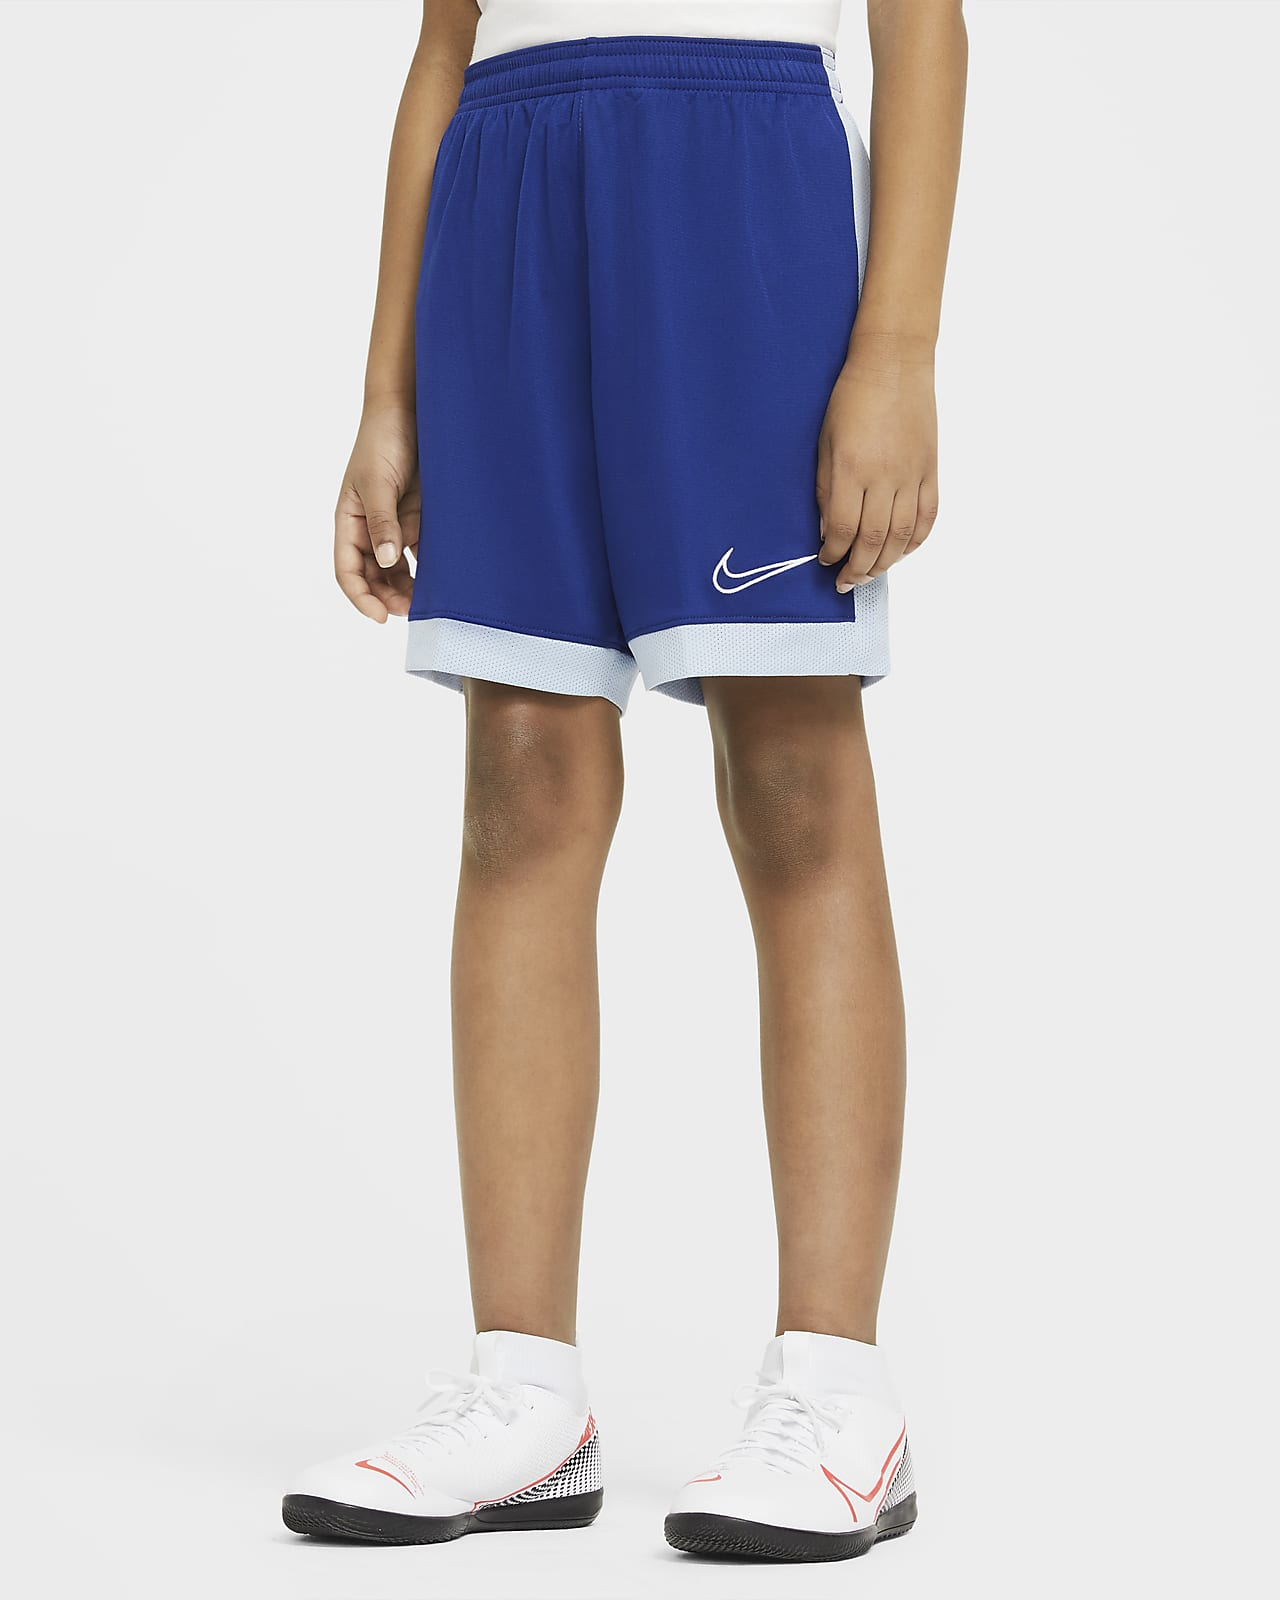 Shorts de fútbol para niños talla grande Nike Dri-FIT Academy